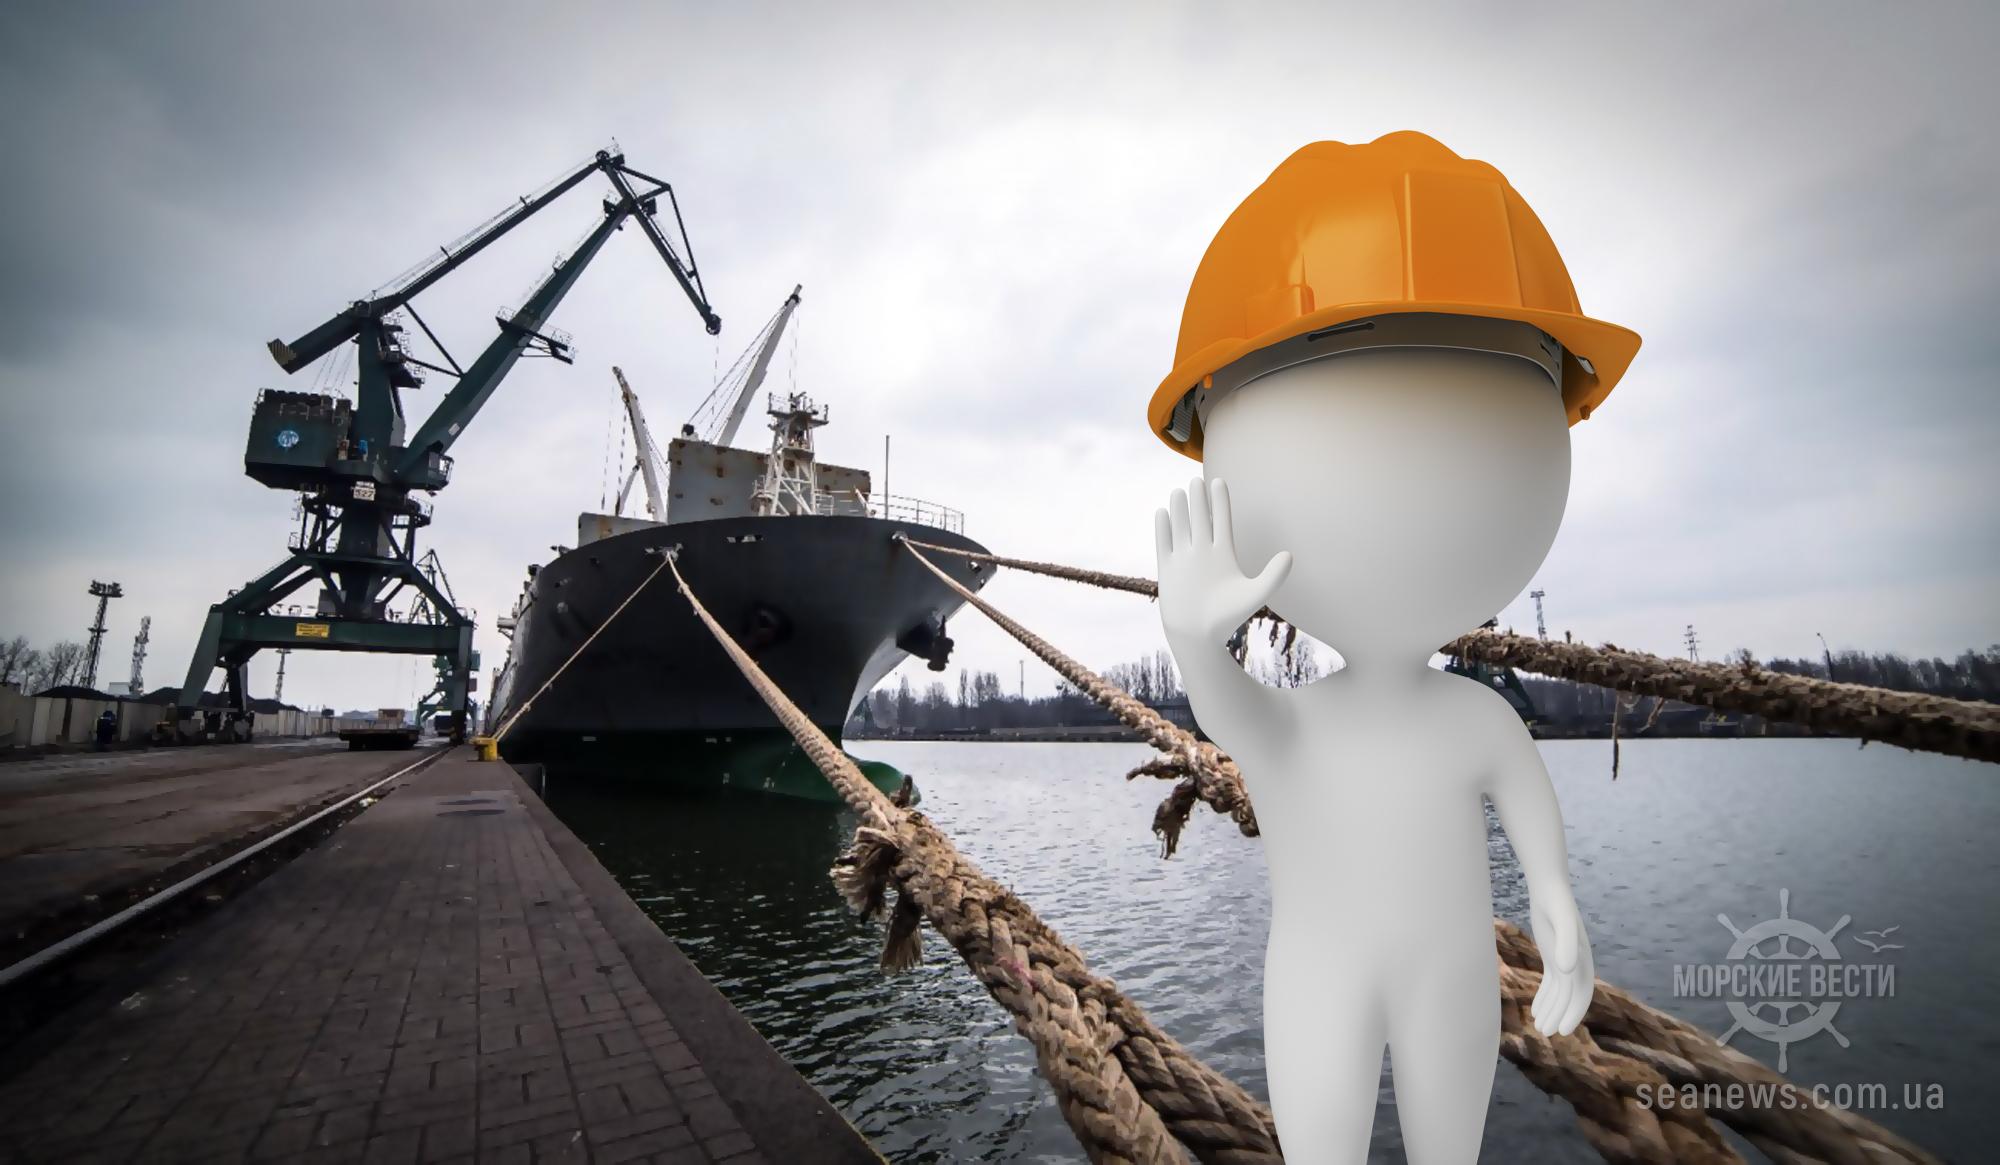 Работы повышенной опасности в Черноморском порту остановлены